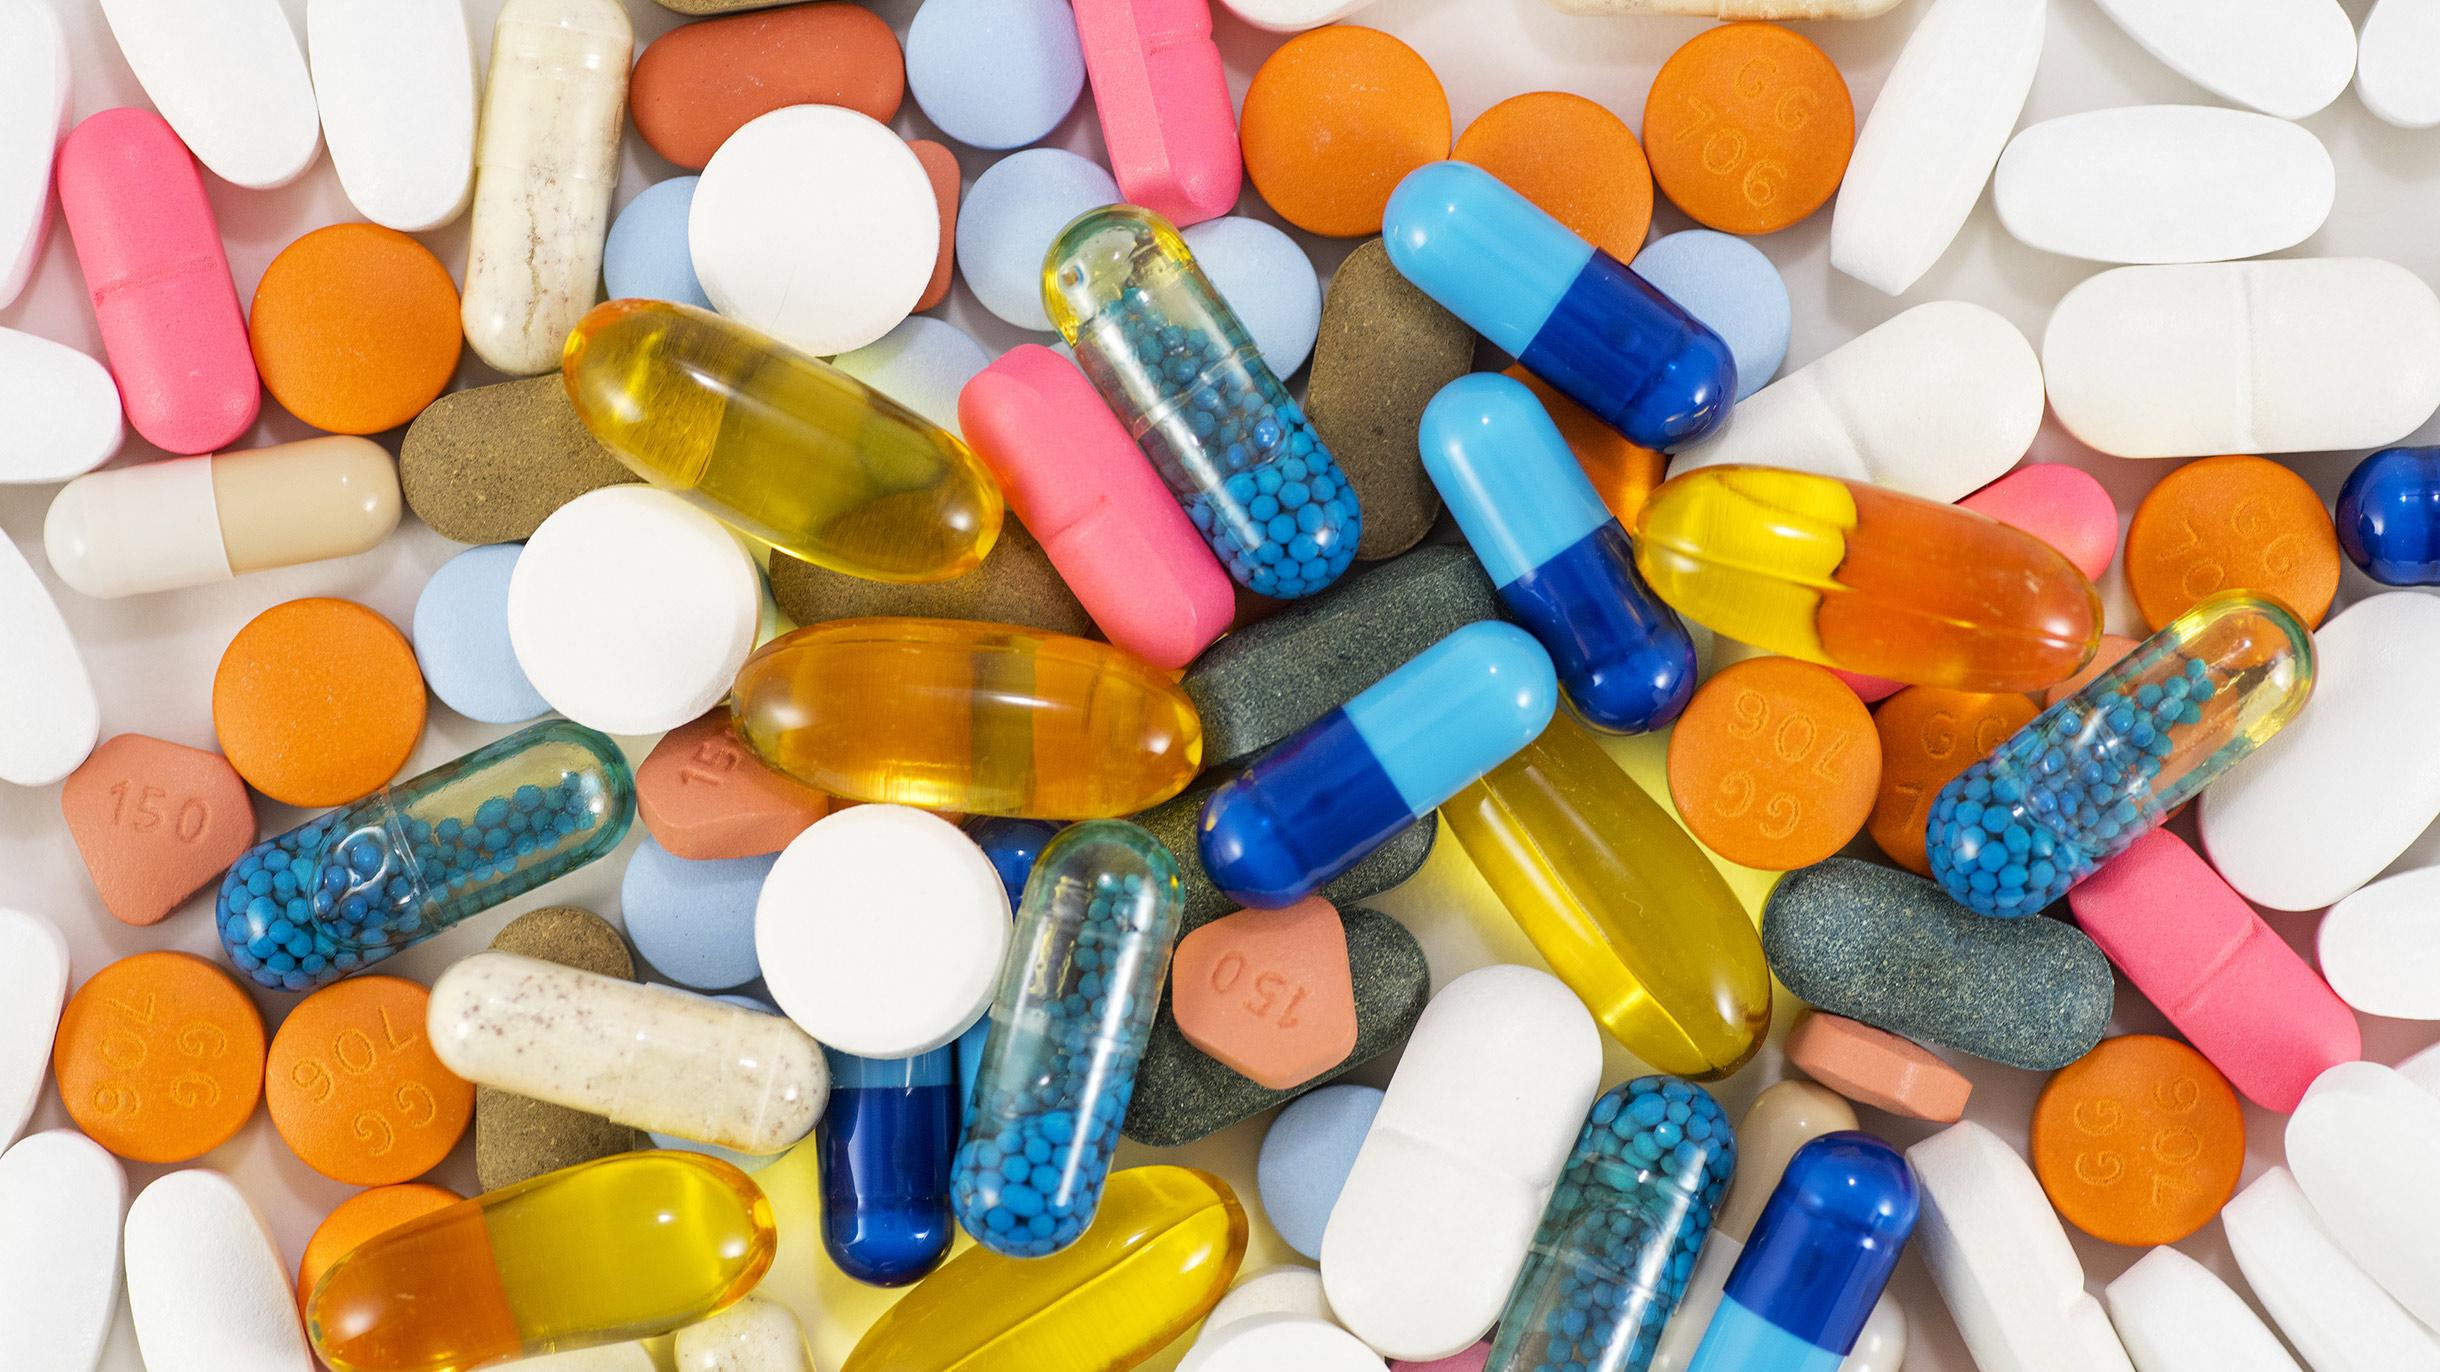 Лекарства можно покупать через интернет с доставкой на дом. Какэто работает?